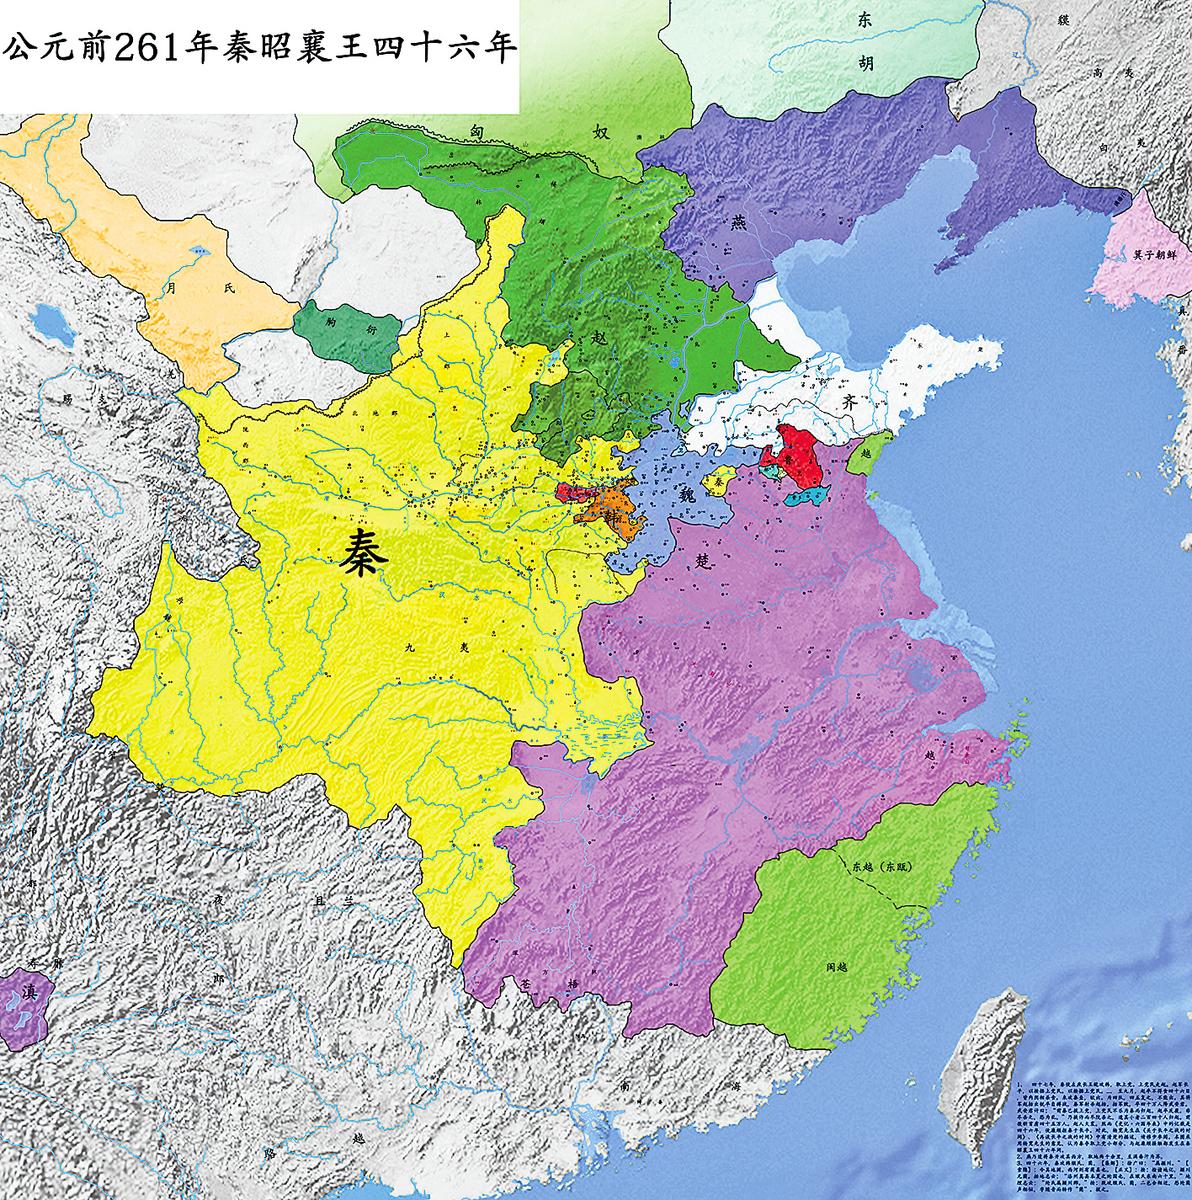 西元前二六一年長平之戰時的戰國七雄(布哈林 Zhihu user/Wikimedia Commons)